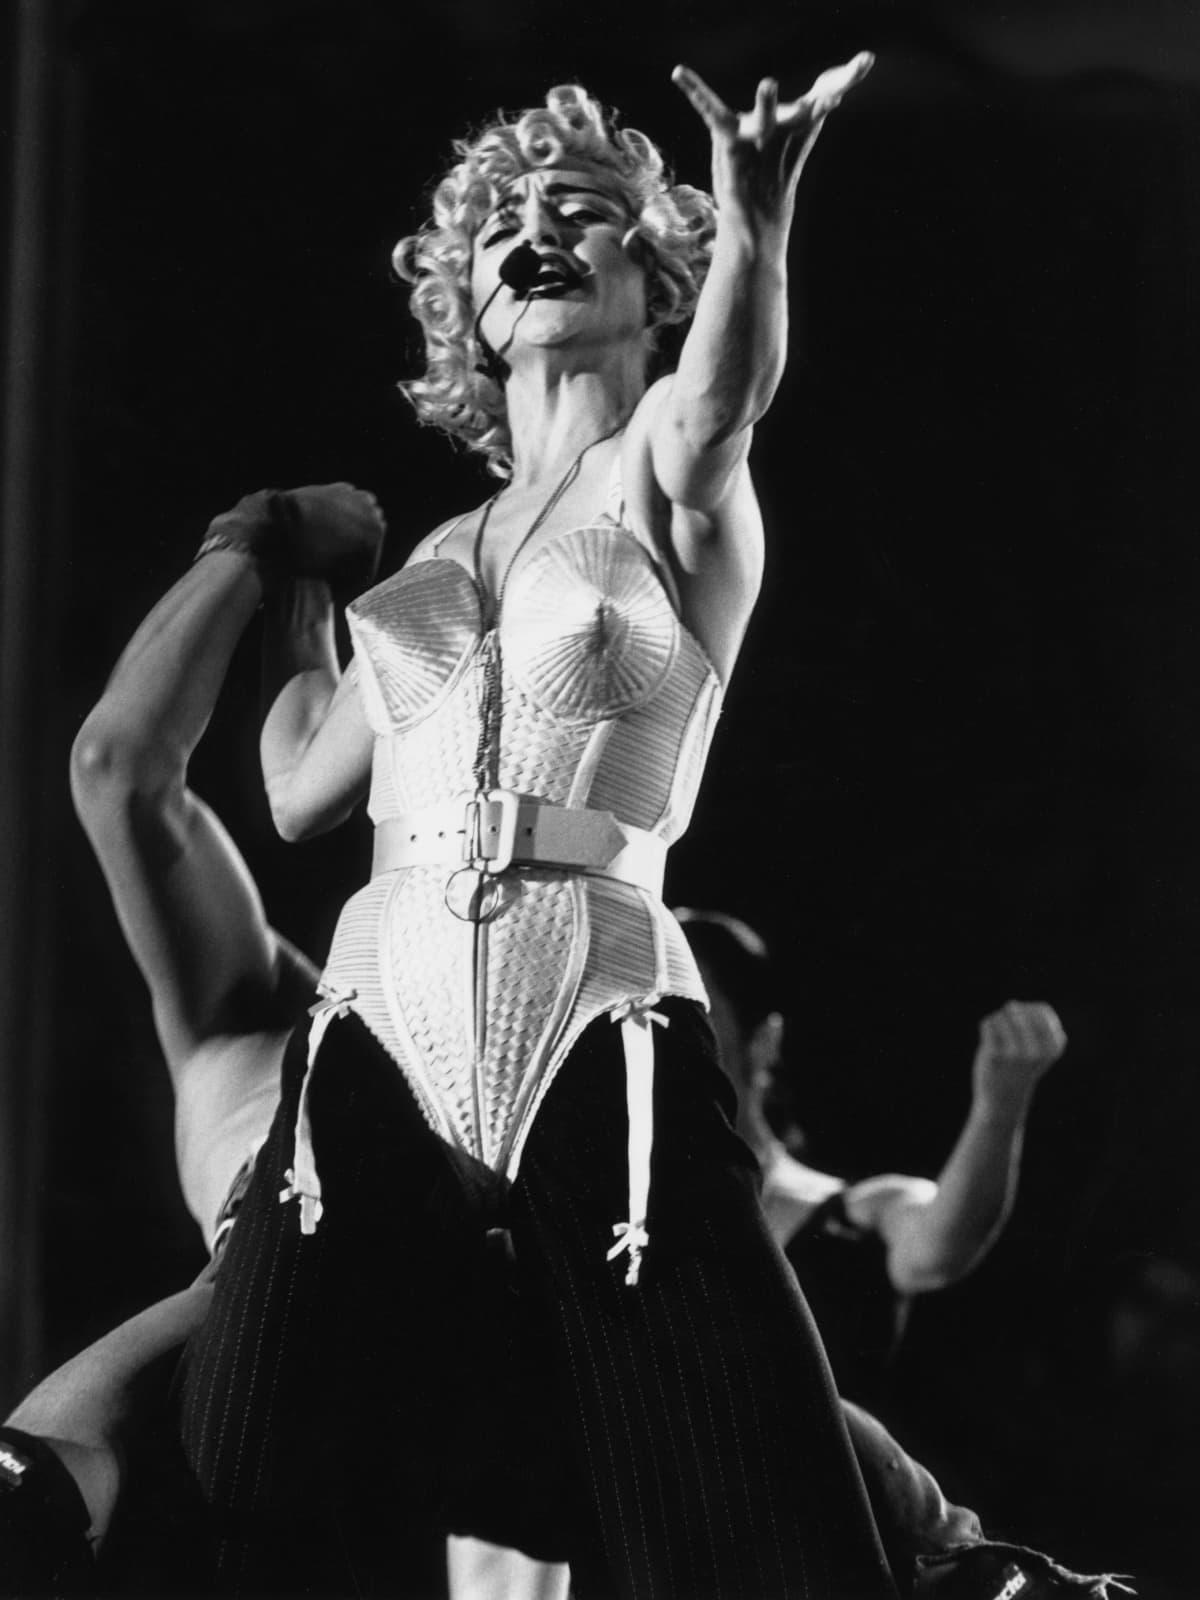 Mustavalkokuvassa poptähti Madonna laulaa päällään alusbody, jossa on terävät rintakupit.